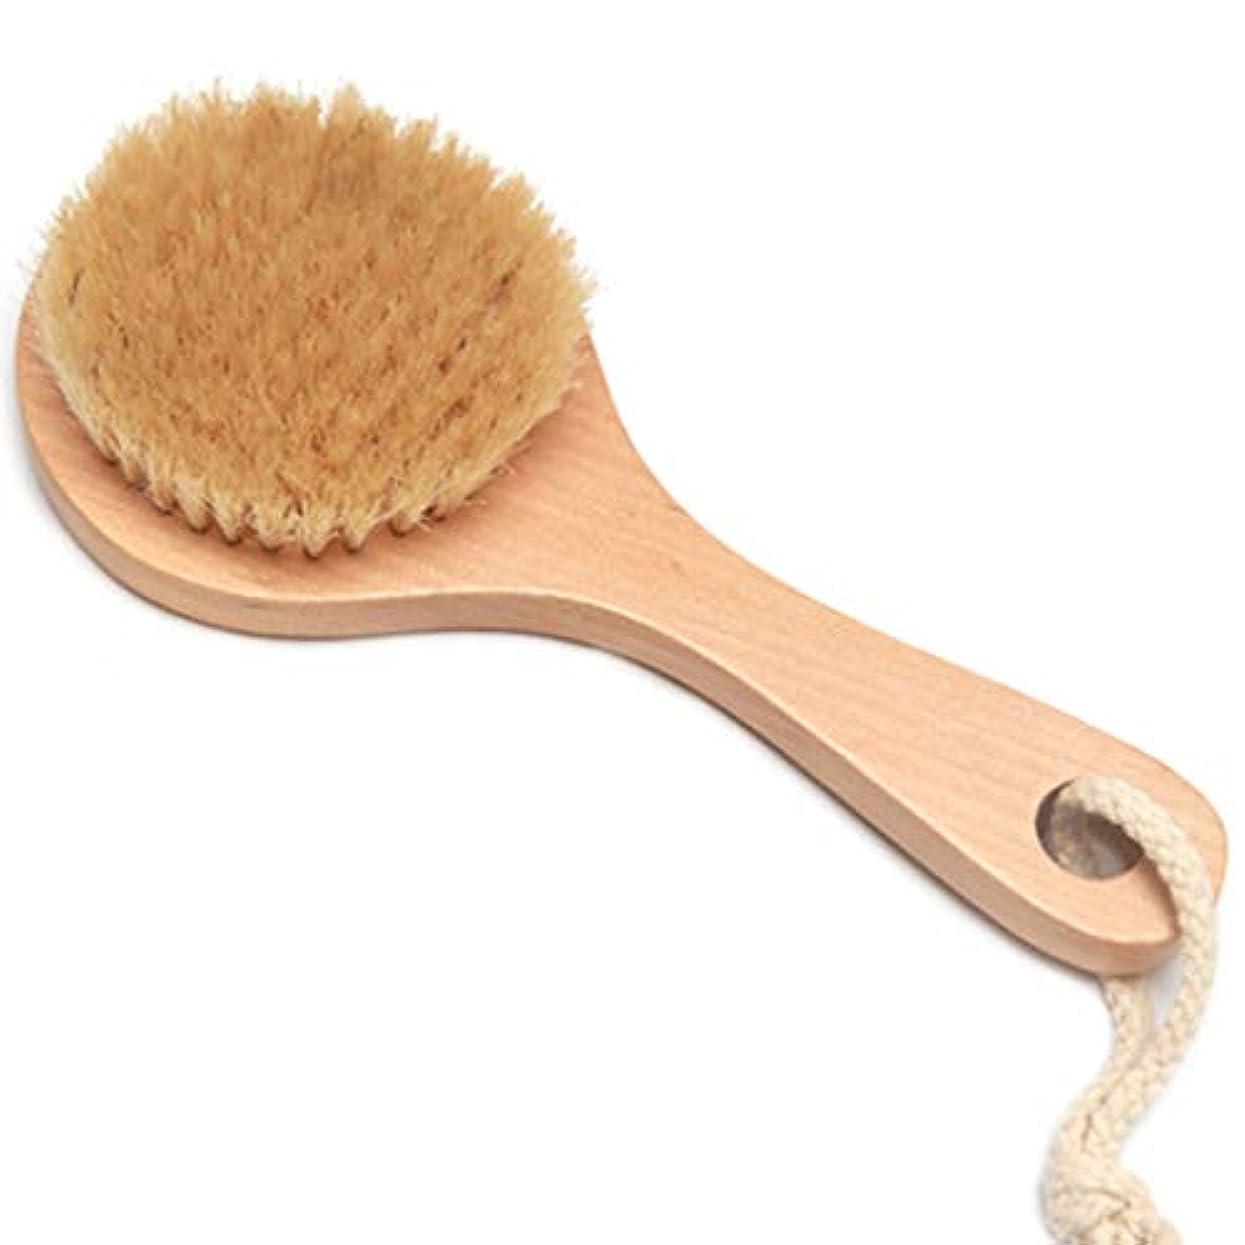 宇宙の感情の著名なバスブラシバックブラシロングハンドルやわらかい毛髪バスブラシバスブラシ角質除去クリーニングブラシ (Color : Wood color, Size : 20*7.5cm)